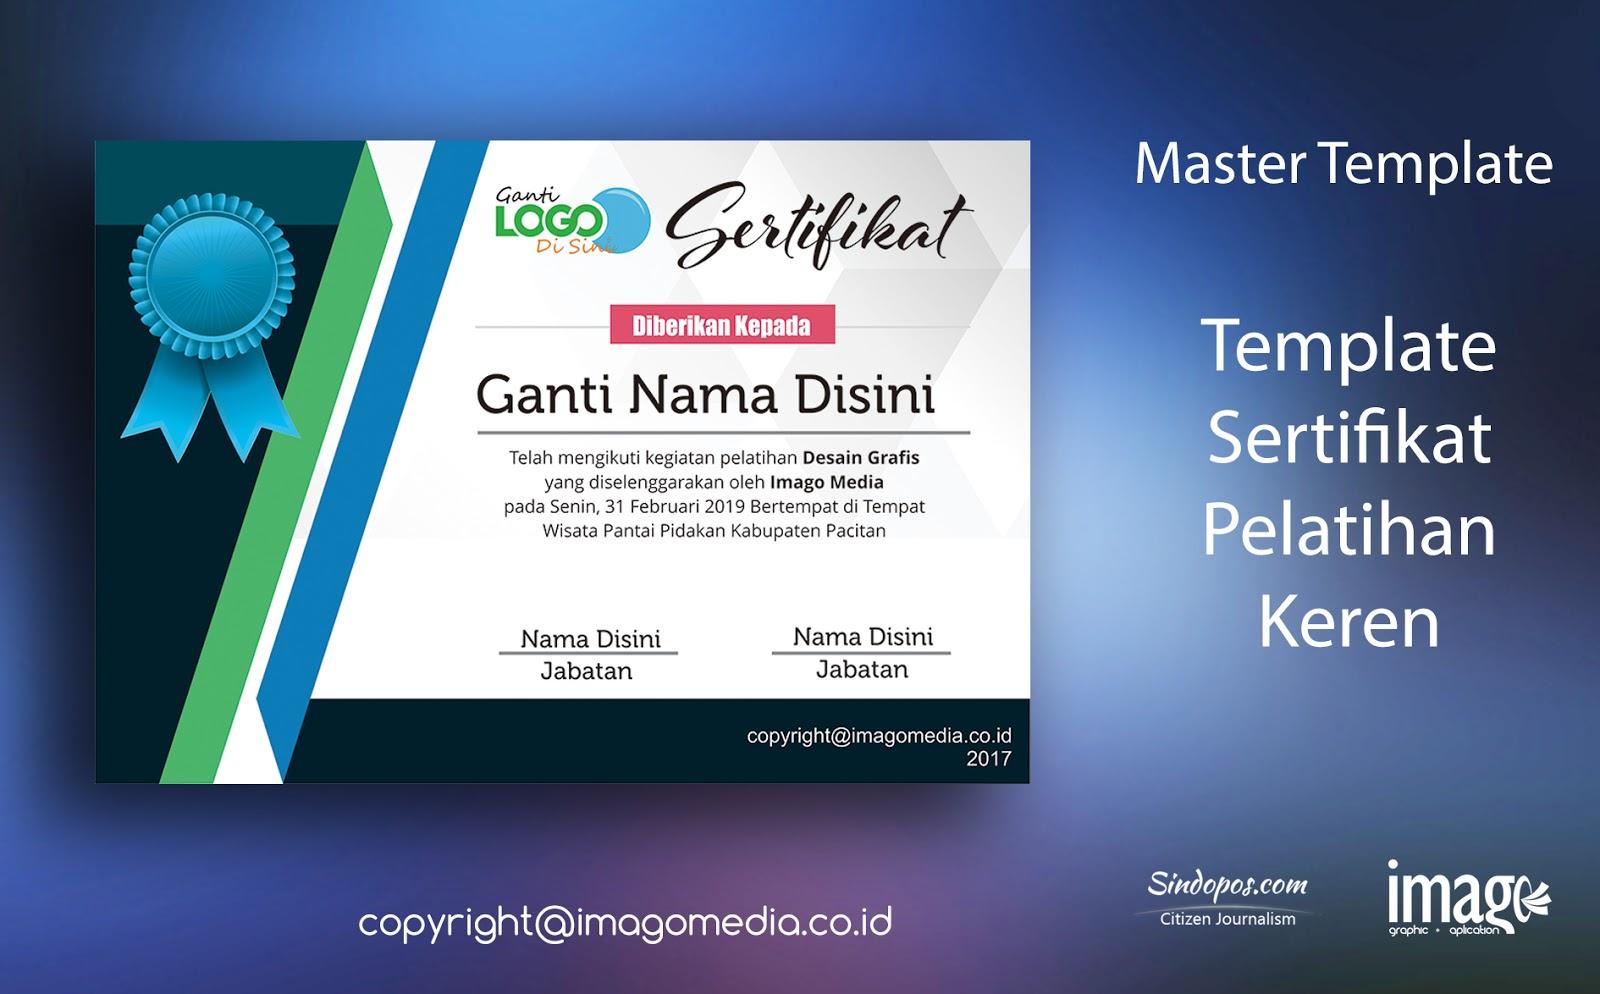 louisiana id template - download desain template sertifikat pelatihan keren